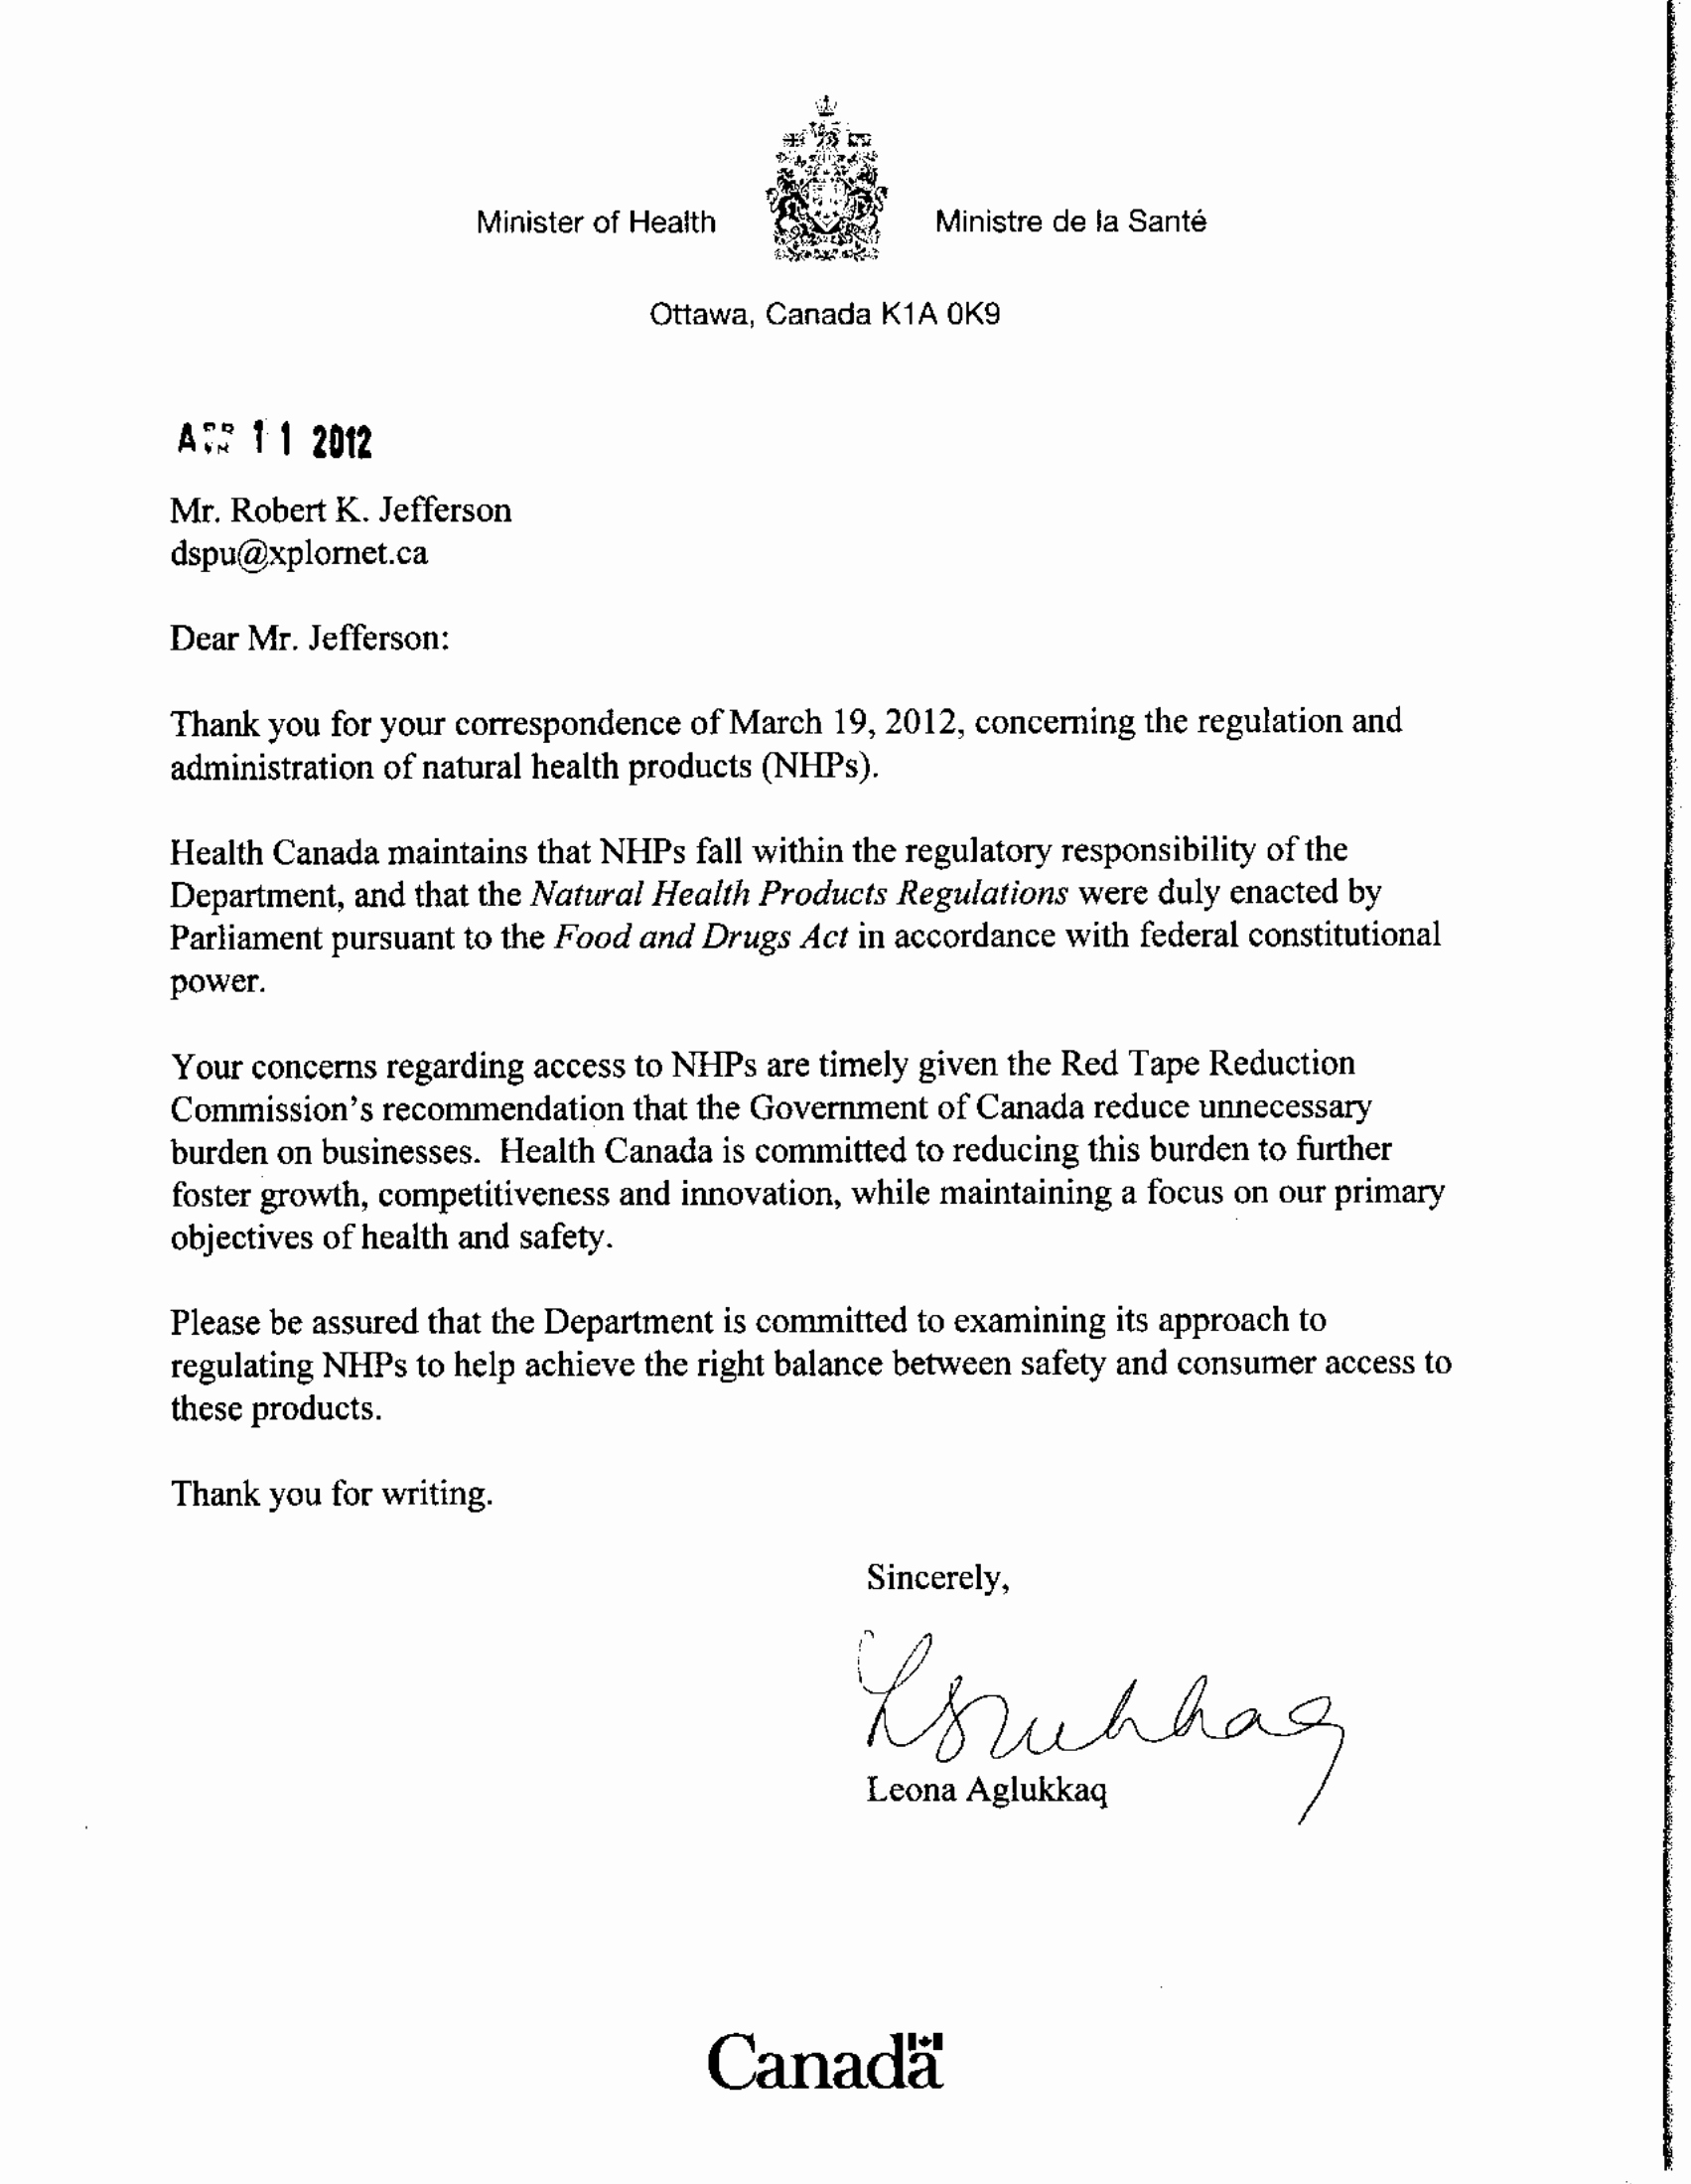 Sample Affidavit Of Support Letter Lovely A Rhetorical Answer to the Dspu Affidavit